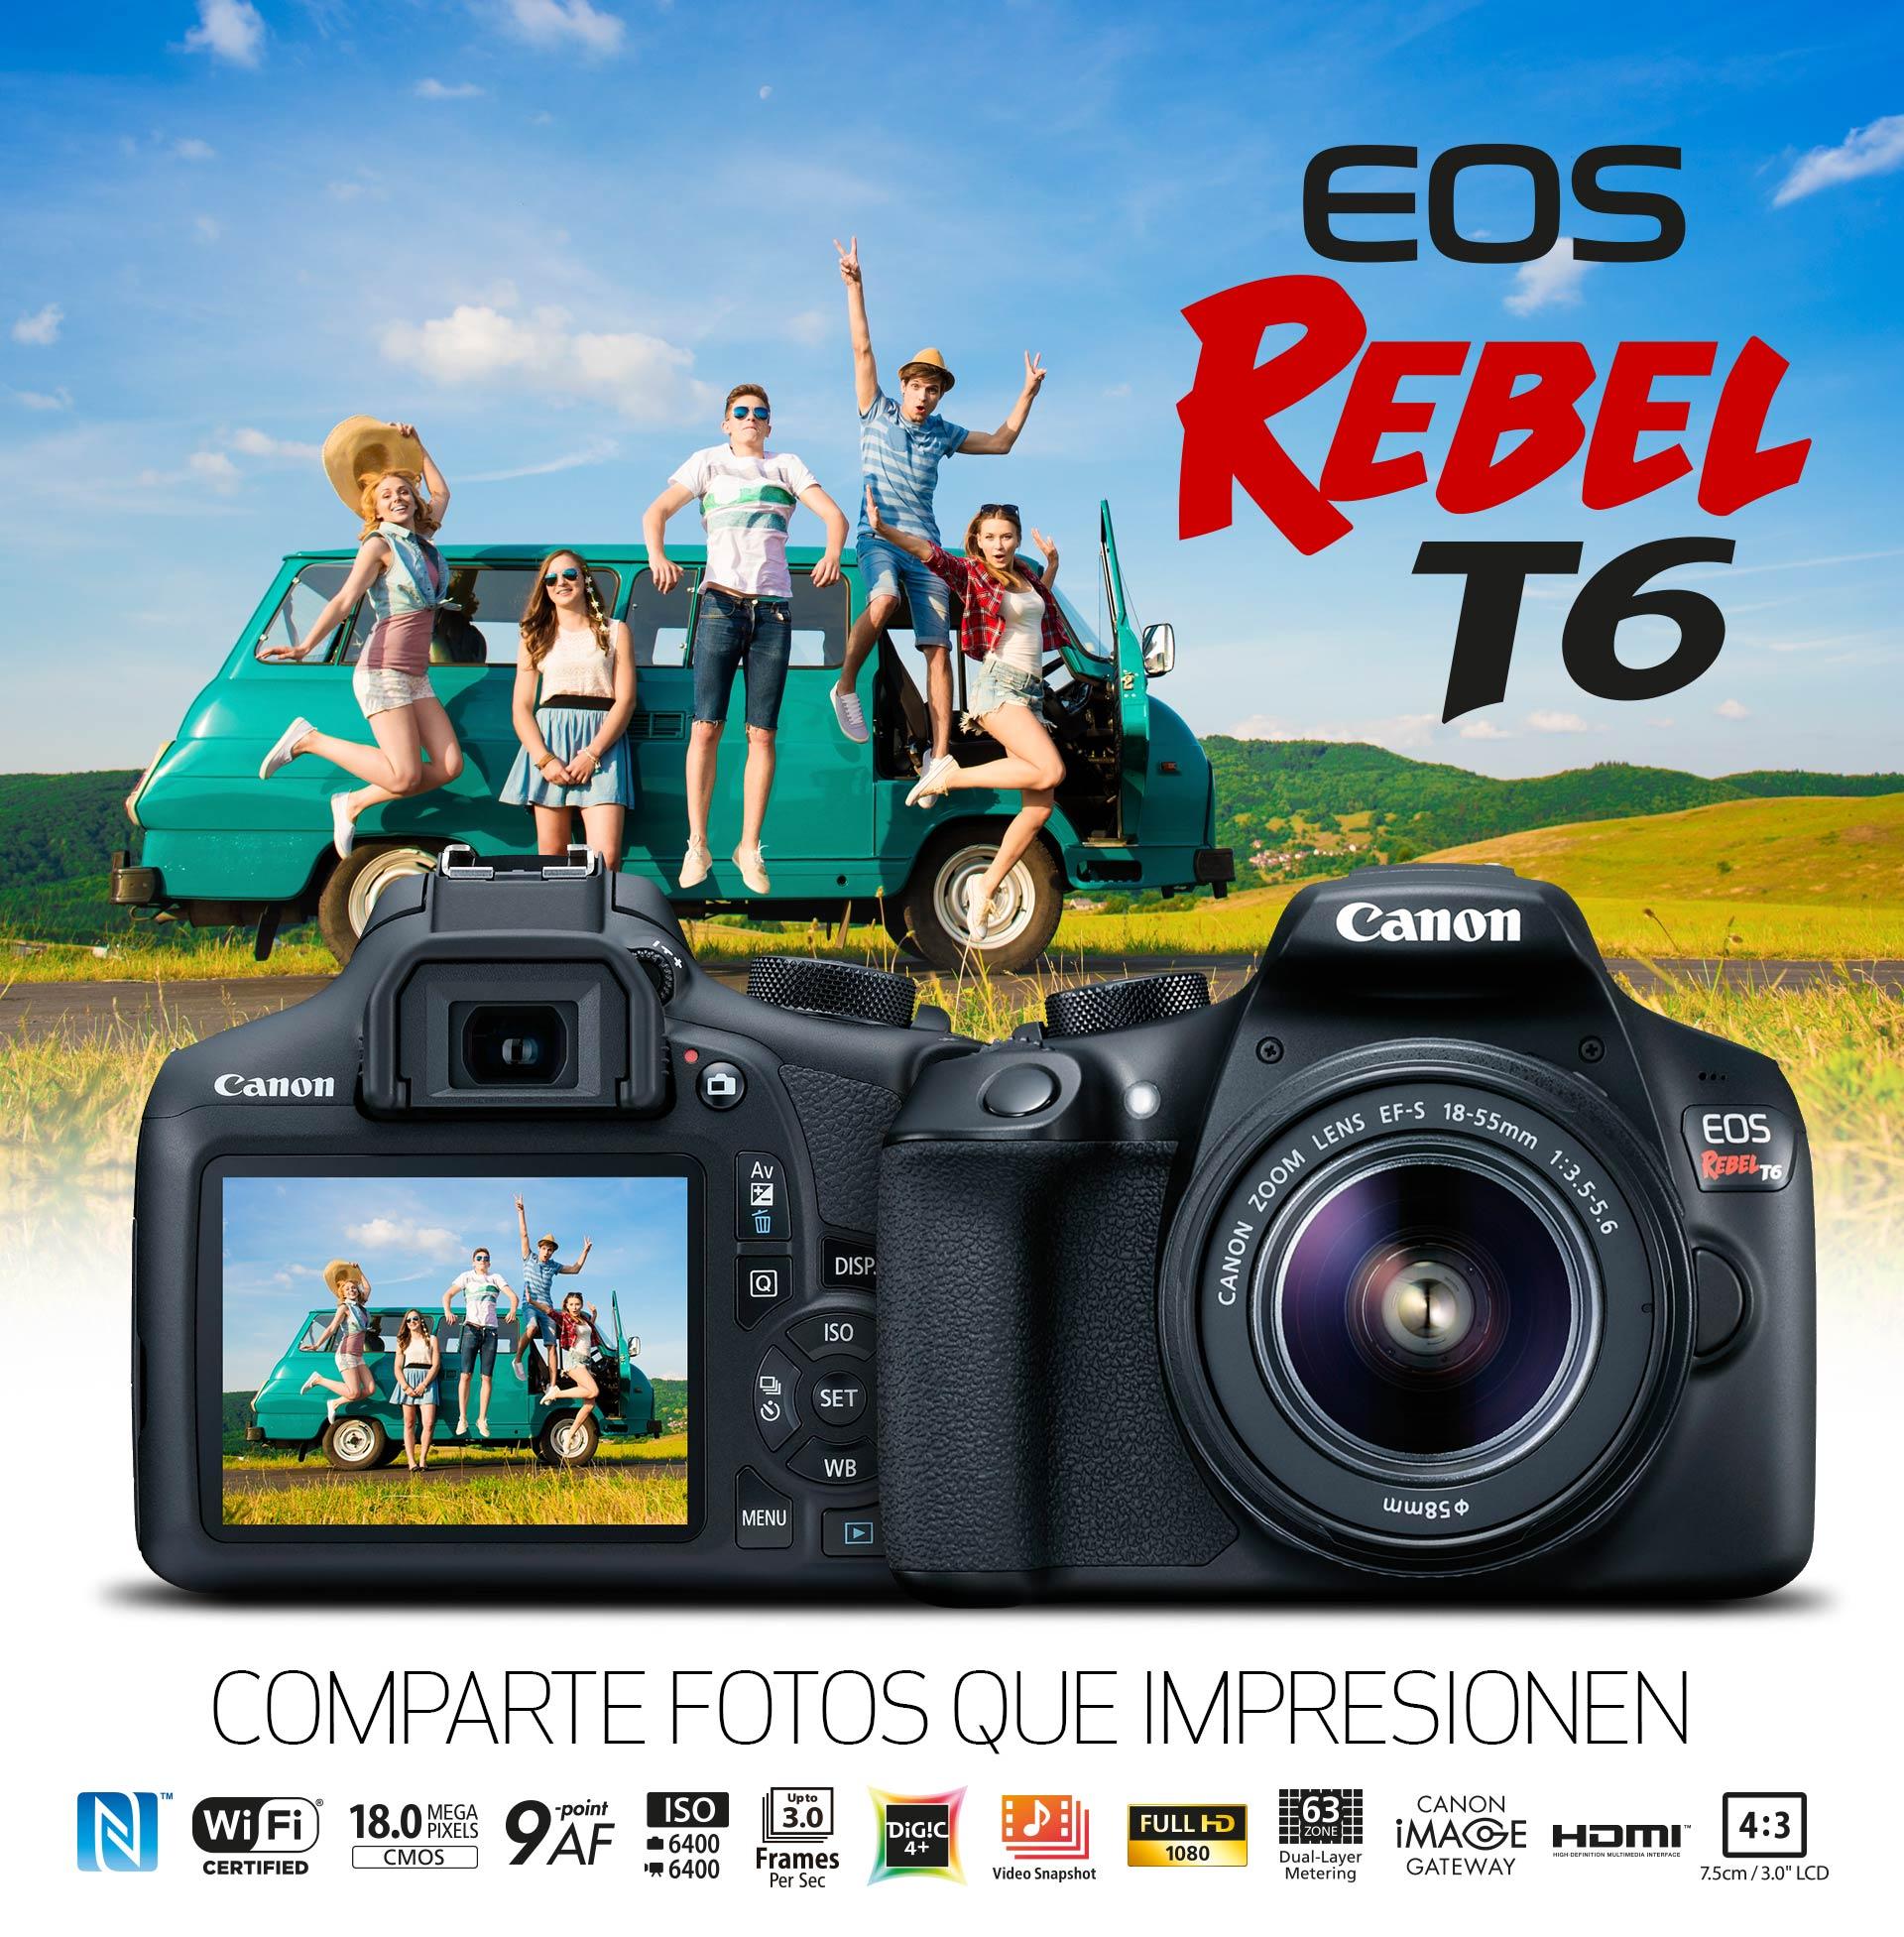 EOS REBEL T6: COMPARTE FOTOS QUE IMPRESIONEN